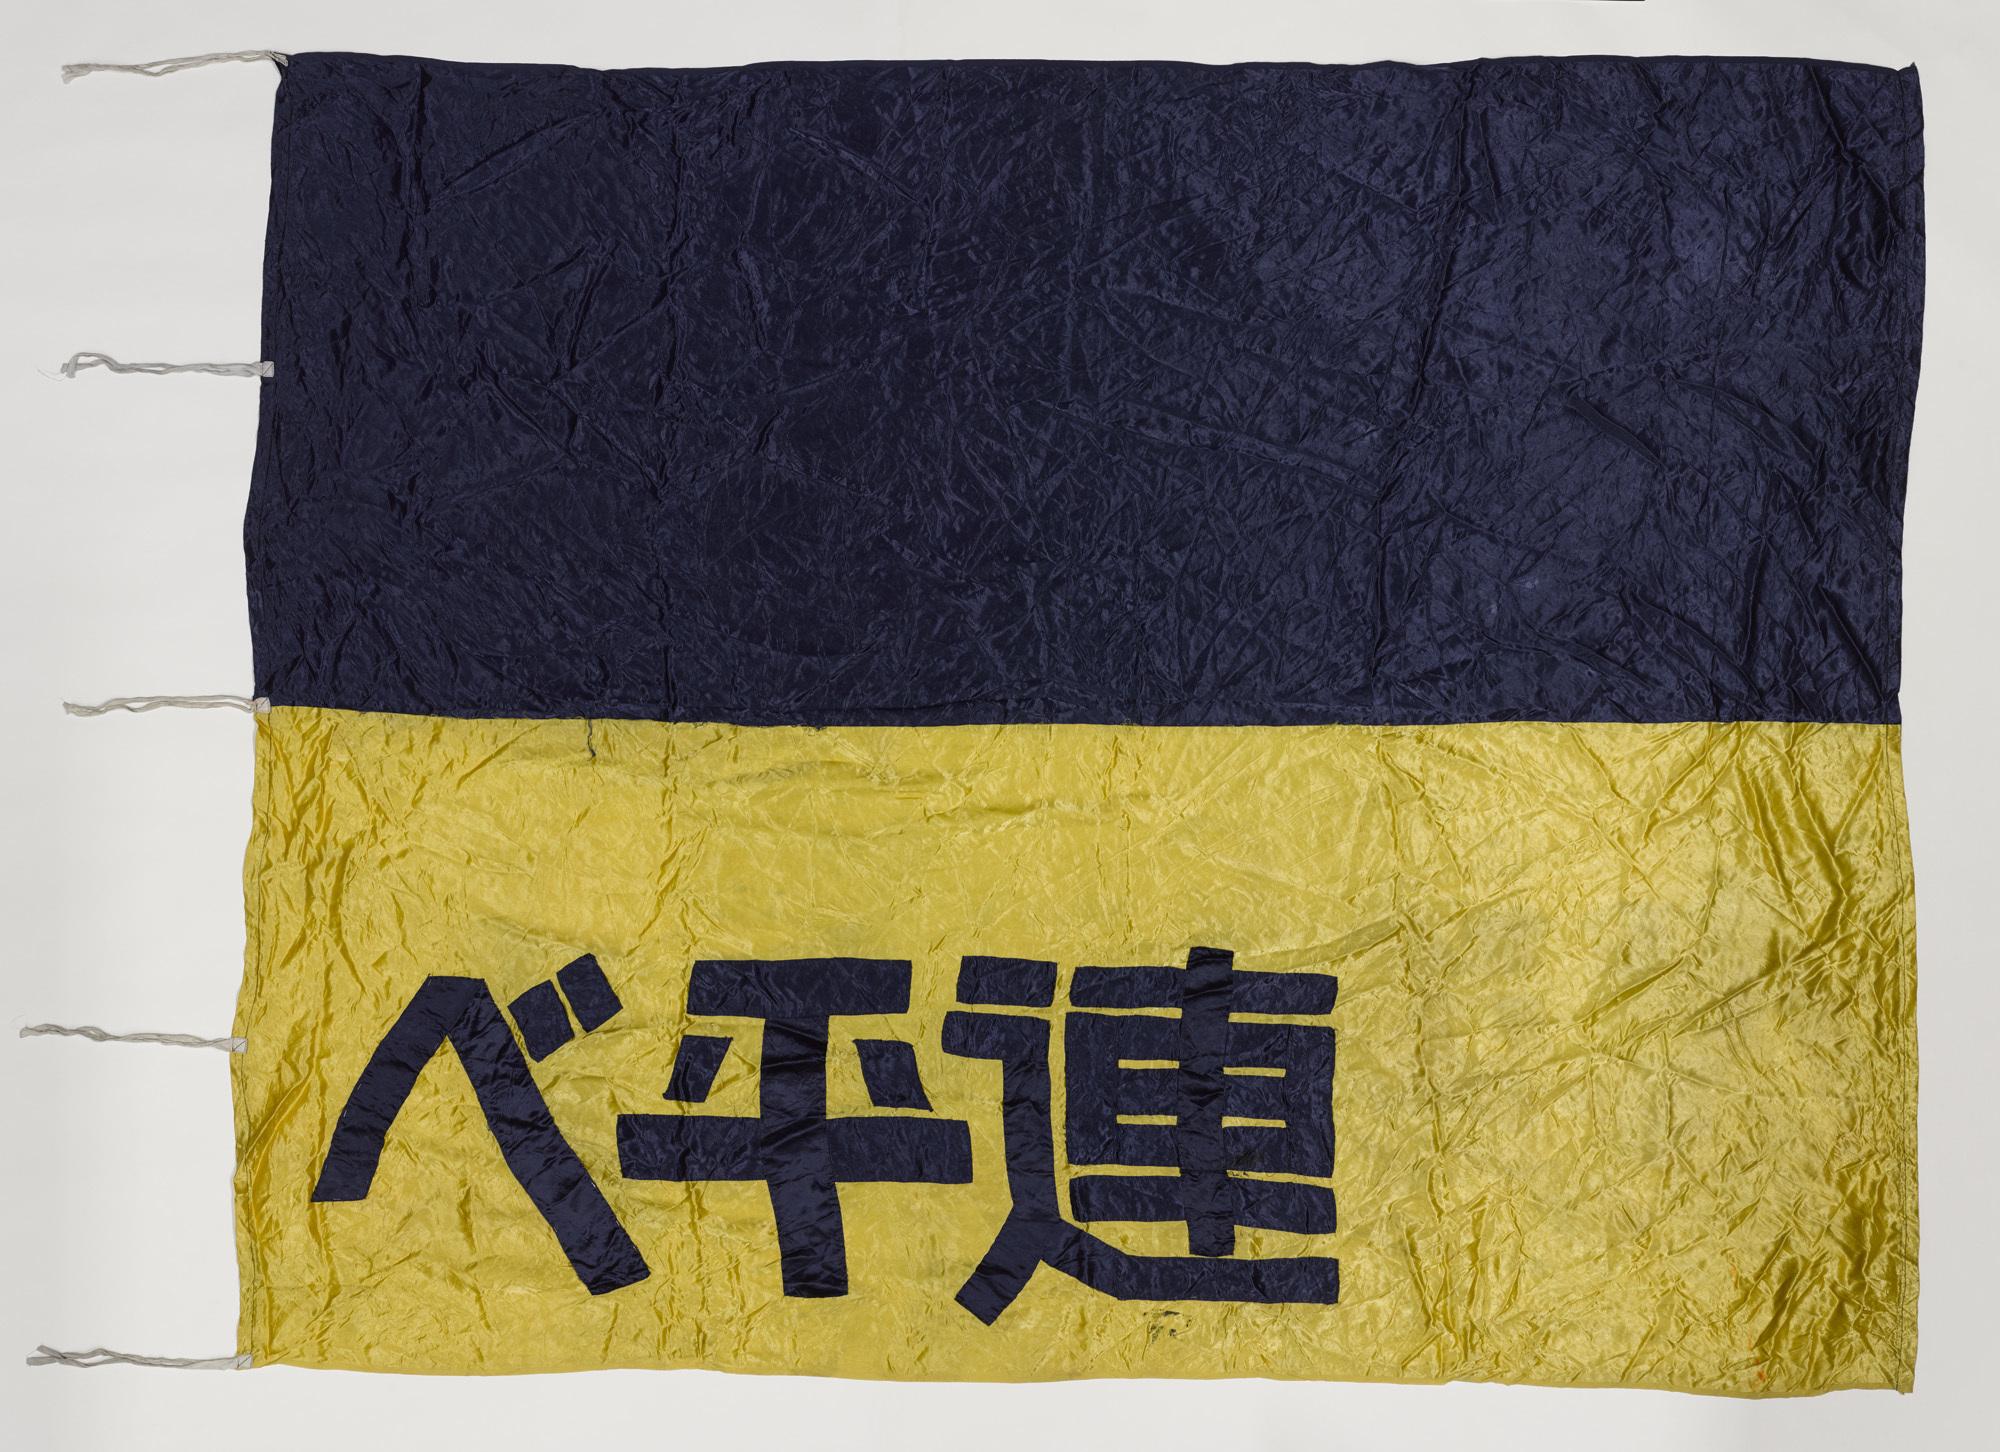 ベ平連こうべの旗 1972 個人蔵